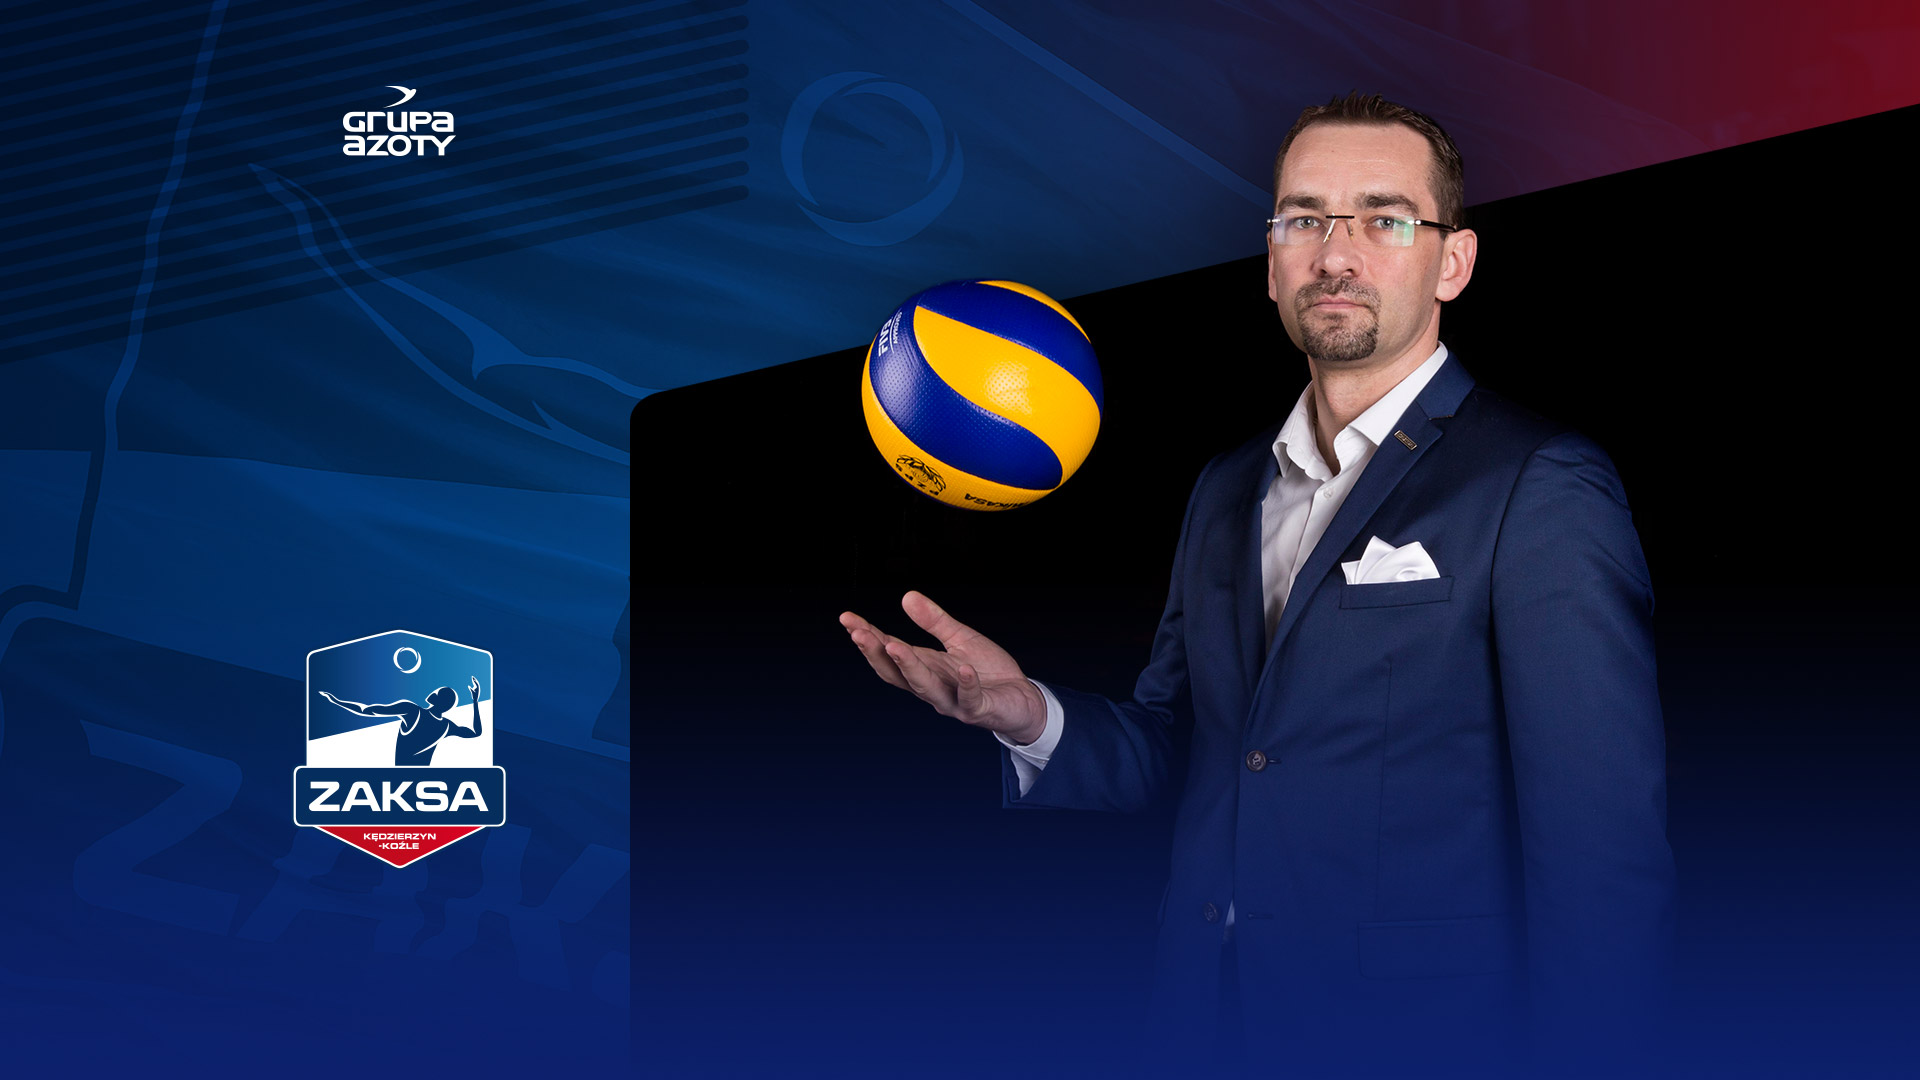 Prezes ZAKSA S.A. nowym prezesem Polskiego Związku Piłki Siatkowej